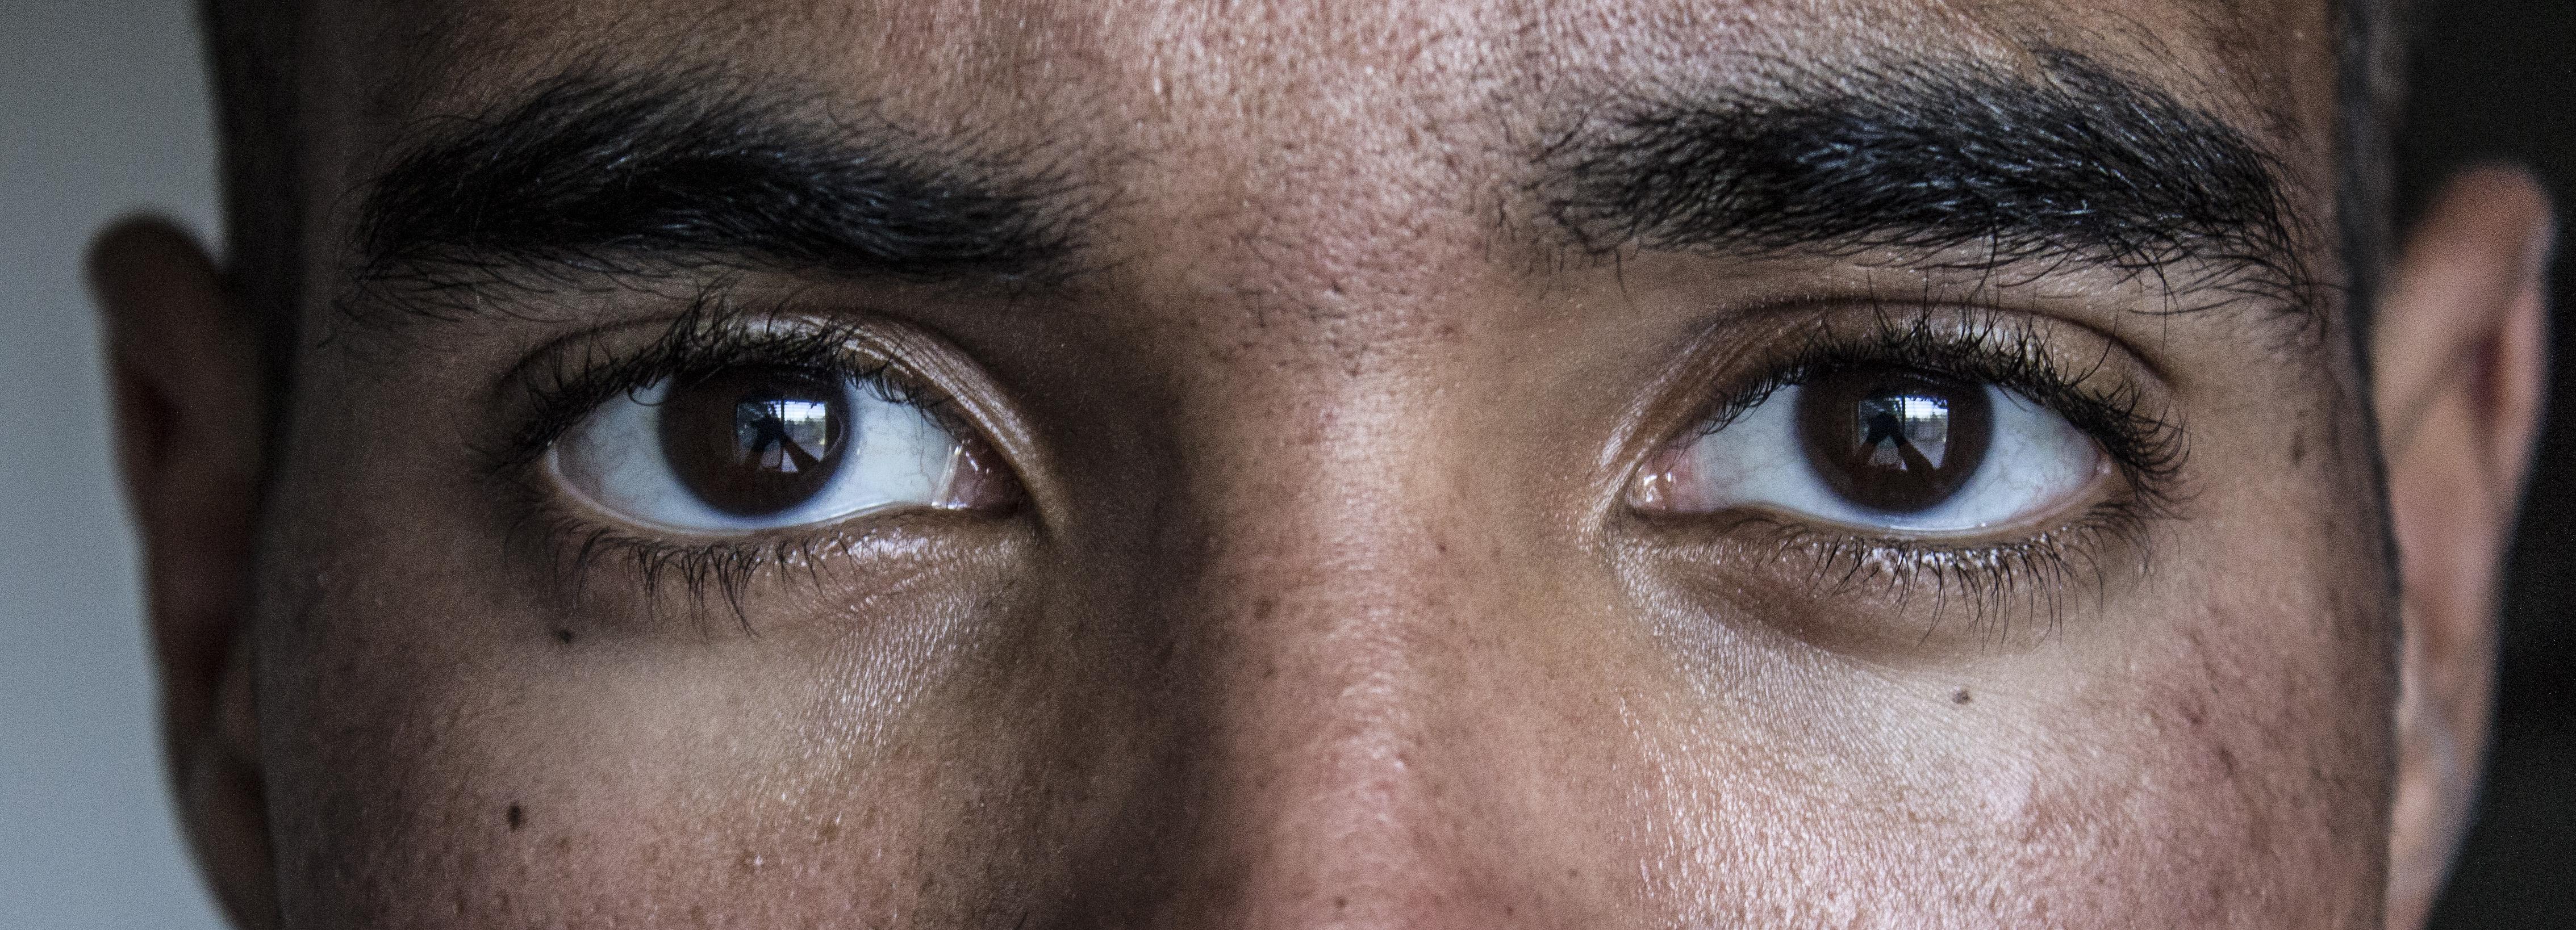 eyes-by-demietrich-baker